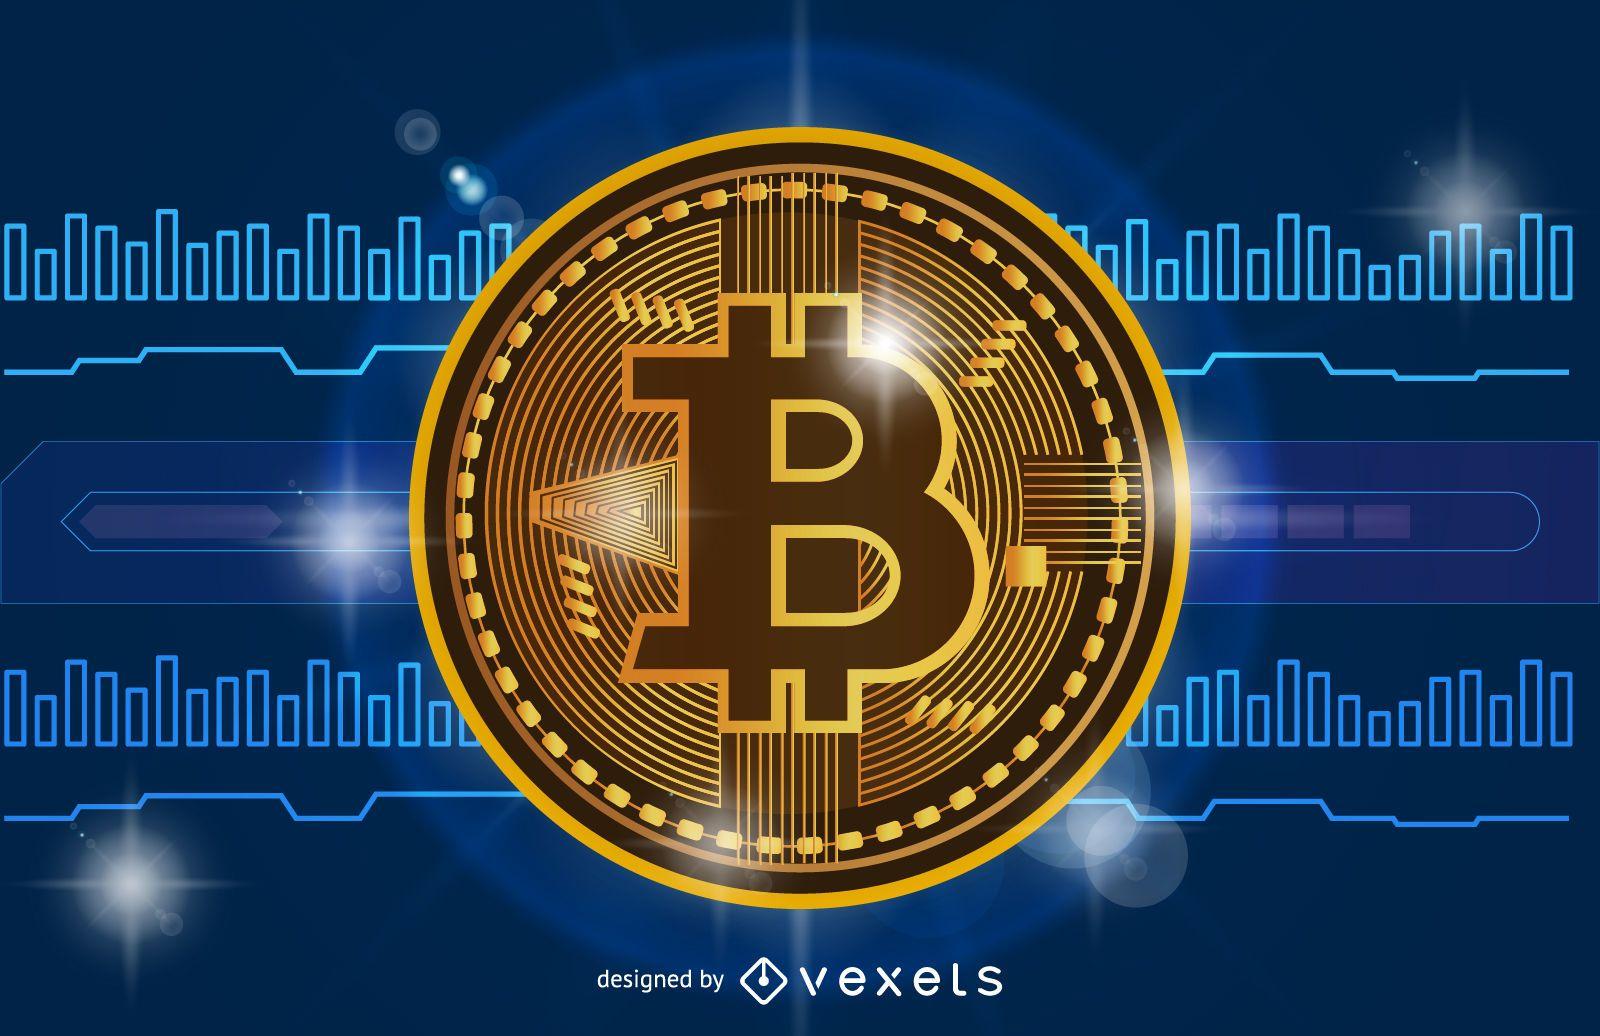 Encabezado del artículo sobre criptomonedas Bitcoin